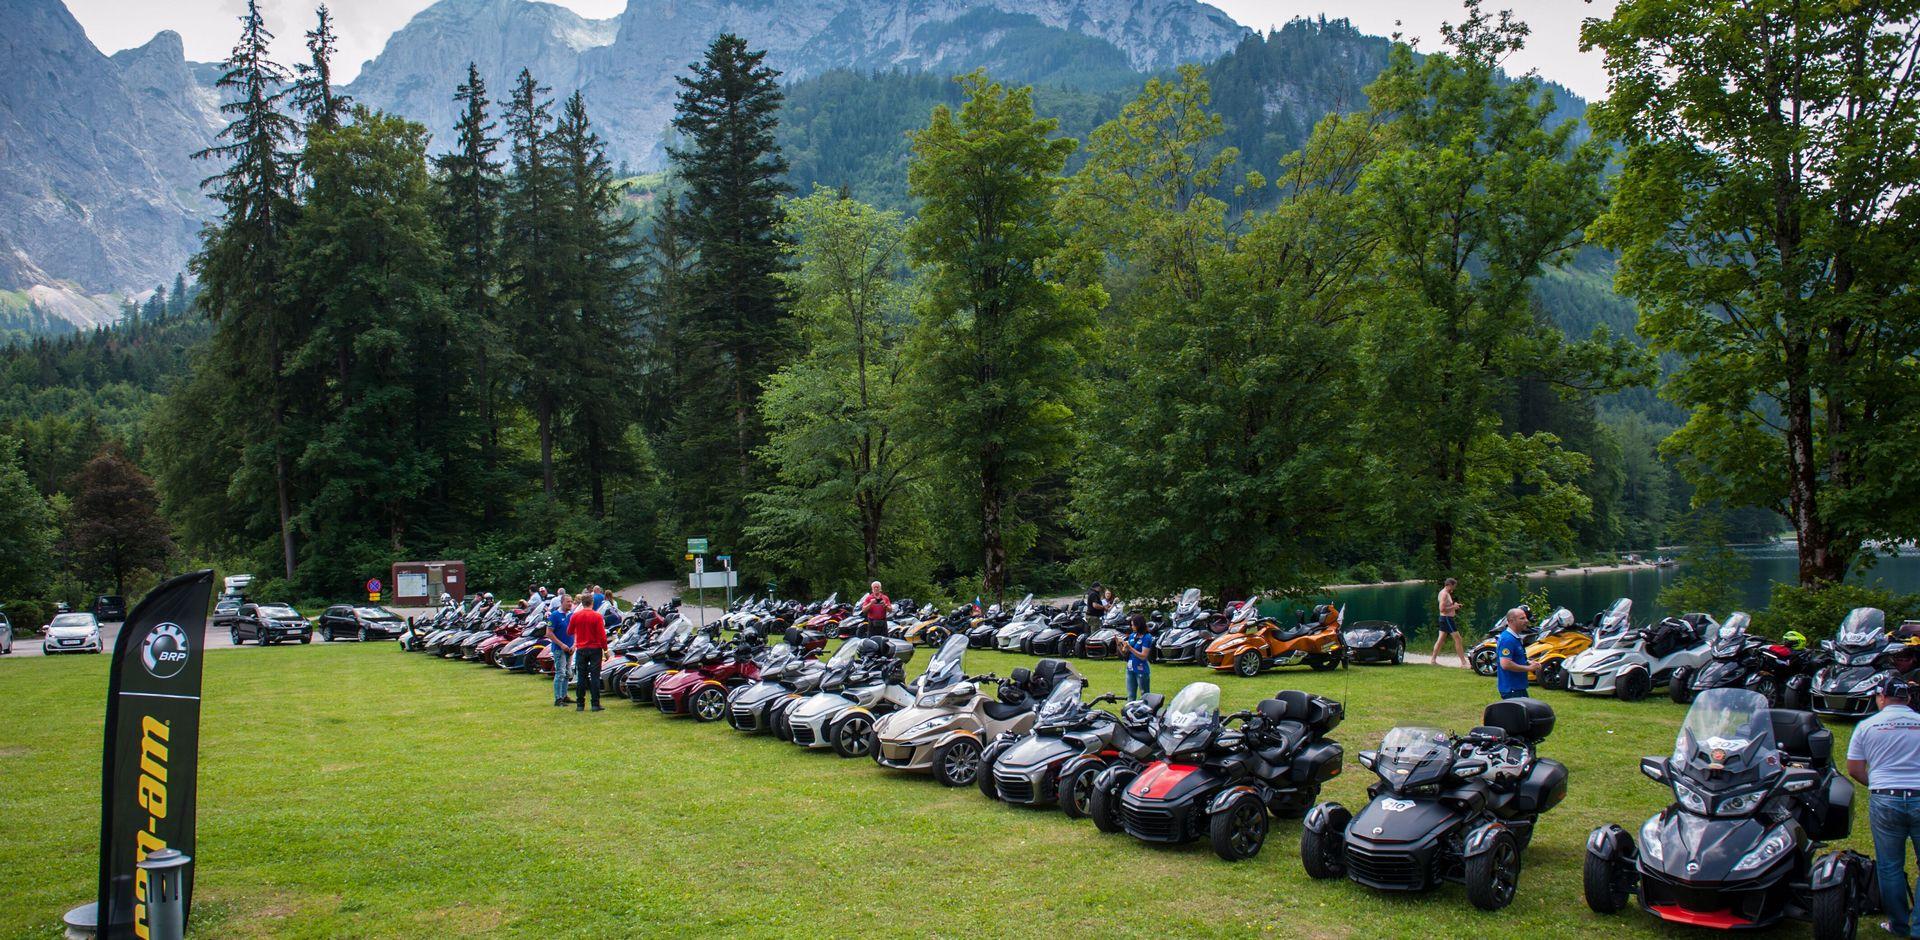 11-13 червня 2020 року – щорічна подорож по Верхній Австрії на родстерах Can-Am